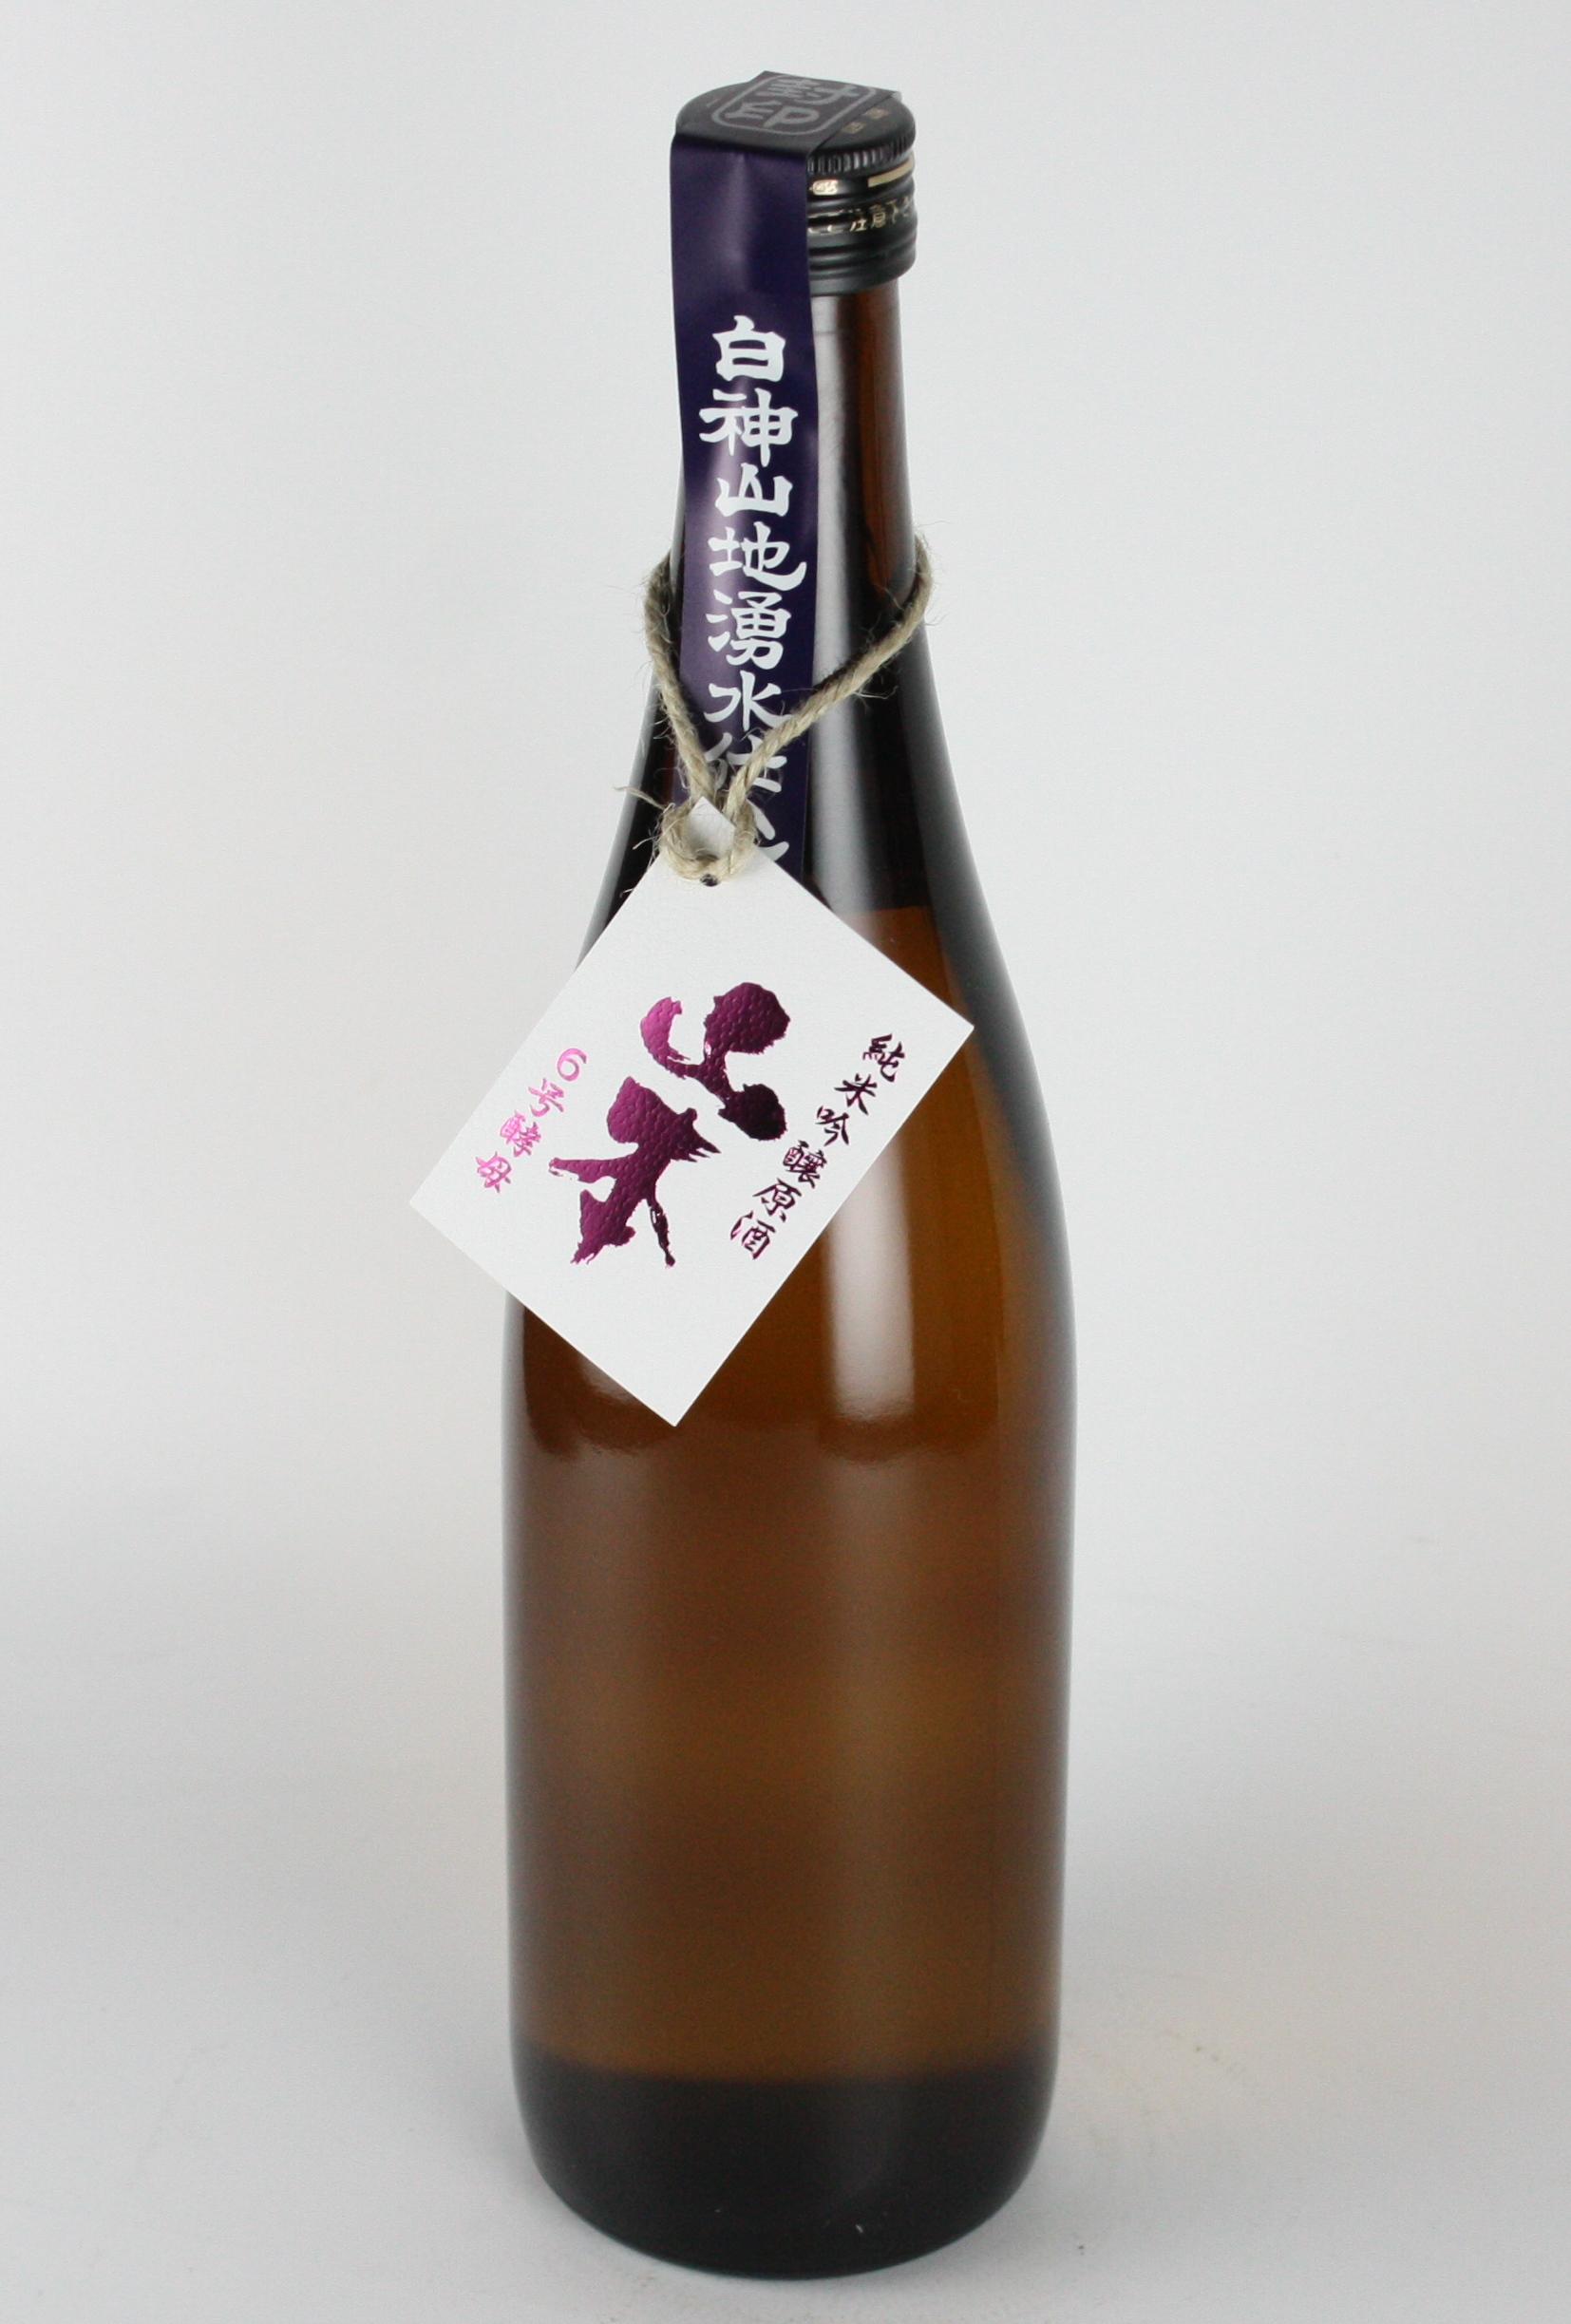 白瀑 山本 6号酵母仕込 純米吟醸無濾過生原酒 720ml 【秋田/山本合名】